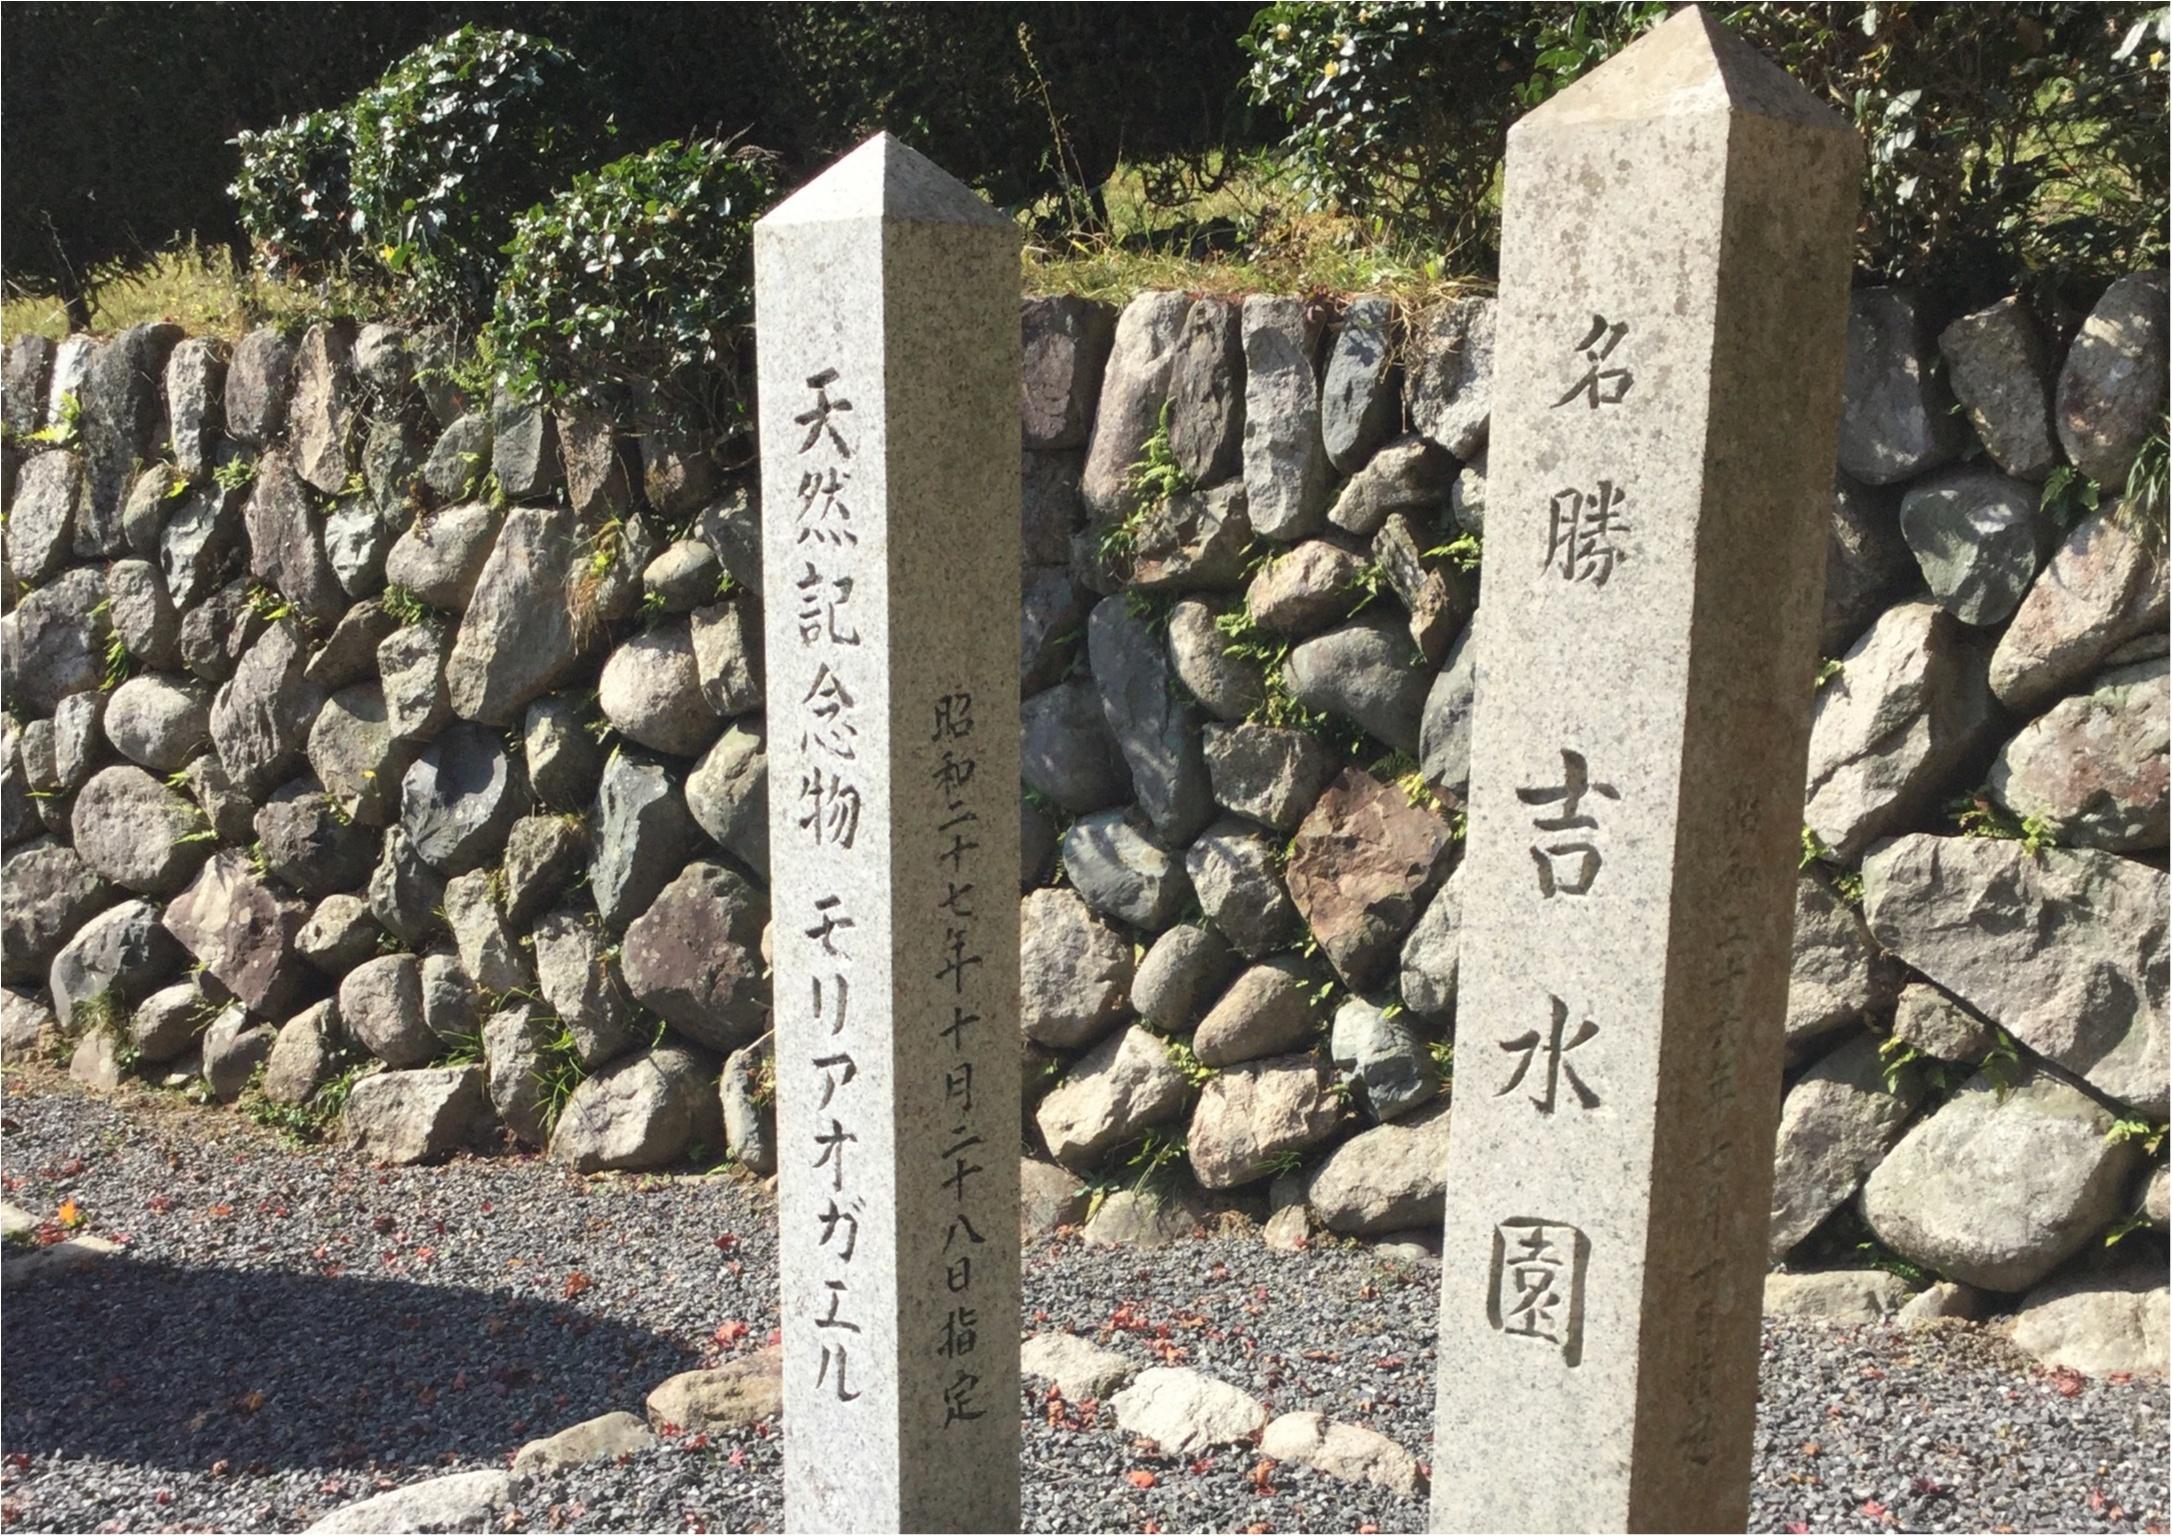 【#紅葉デート】春と秋に2週の週末しか一般公開されない!広島県を代表する紅葉スポット『吉水園』♡_5